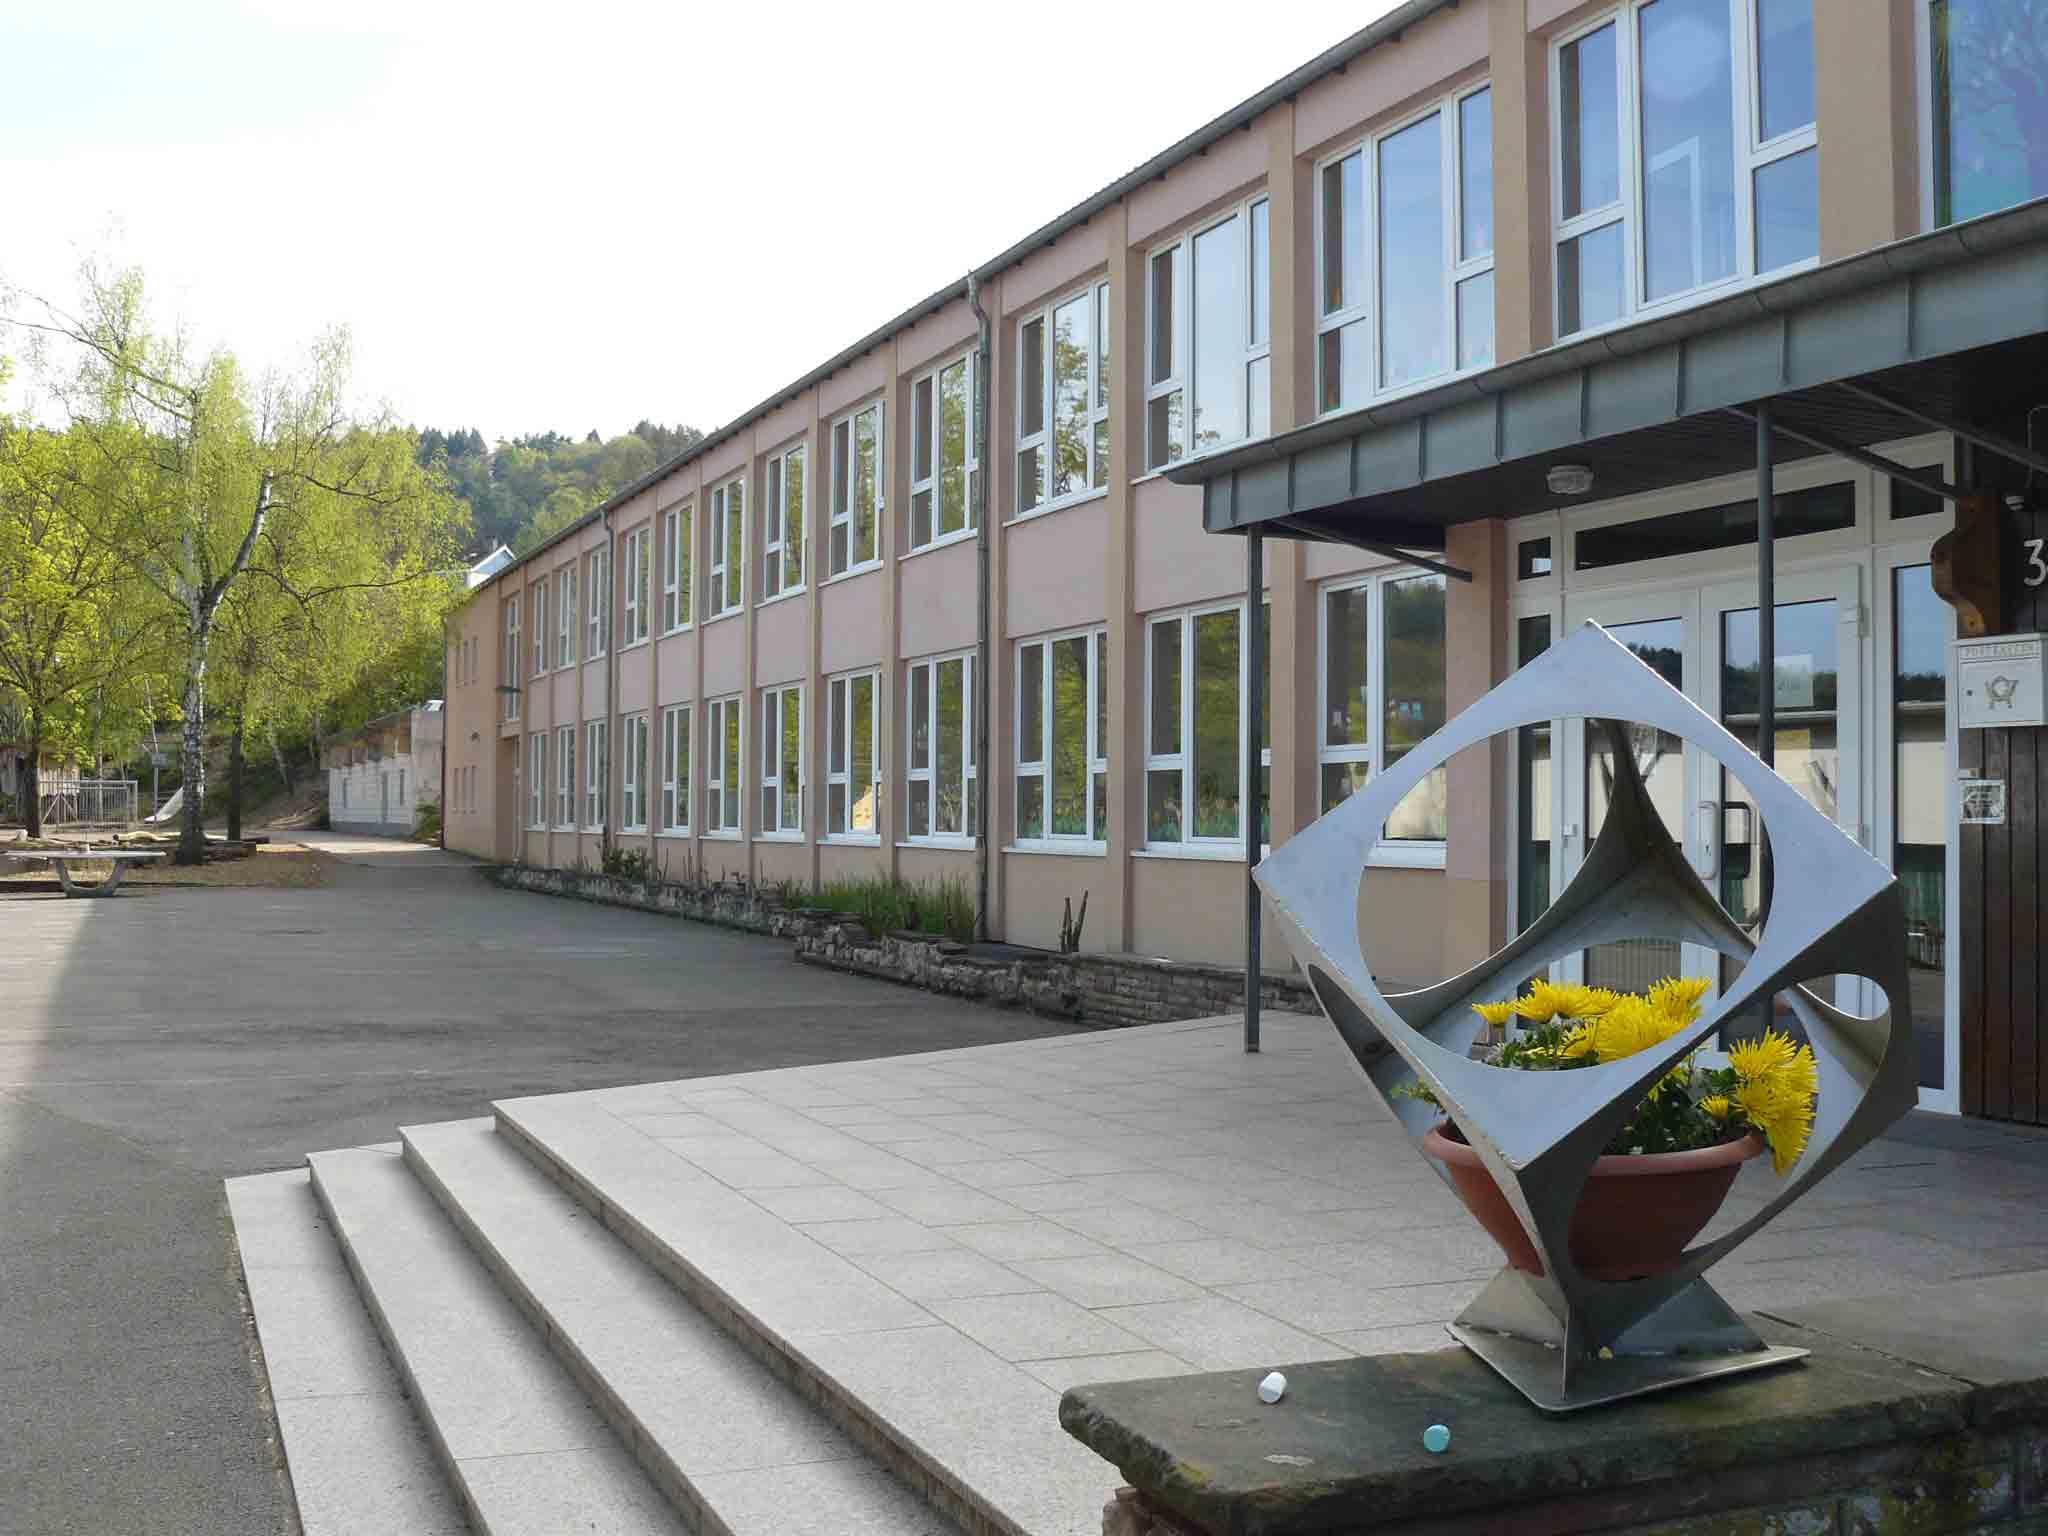 Grundschule-Mettlach